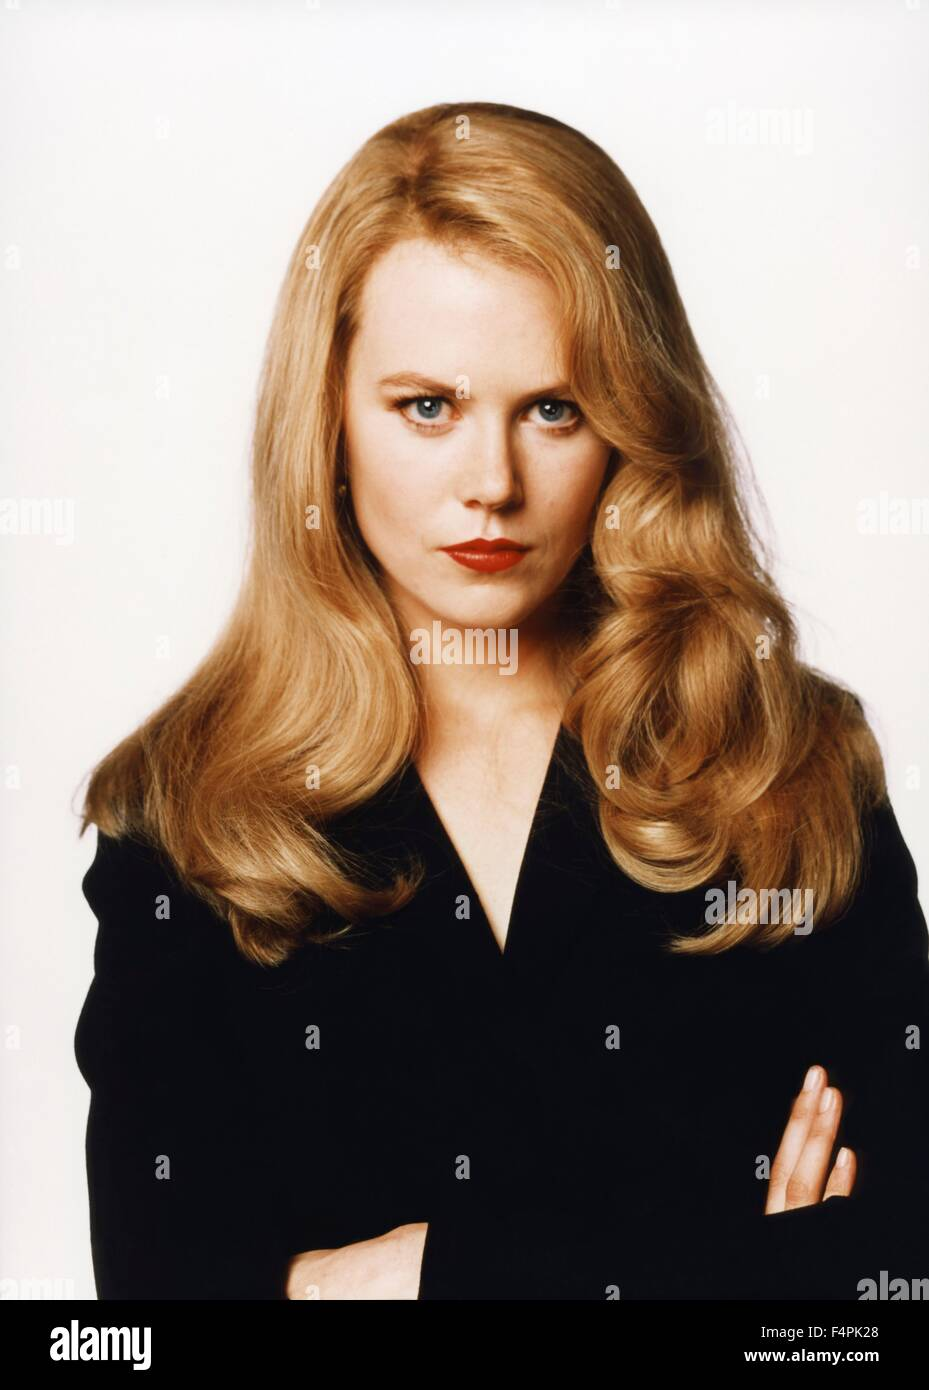 Nicole Kidman / Batman Forever / 1995 directed by Joel Schumacher [Warner Bros. Pictures] - Stock Image